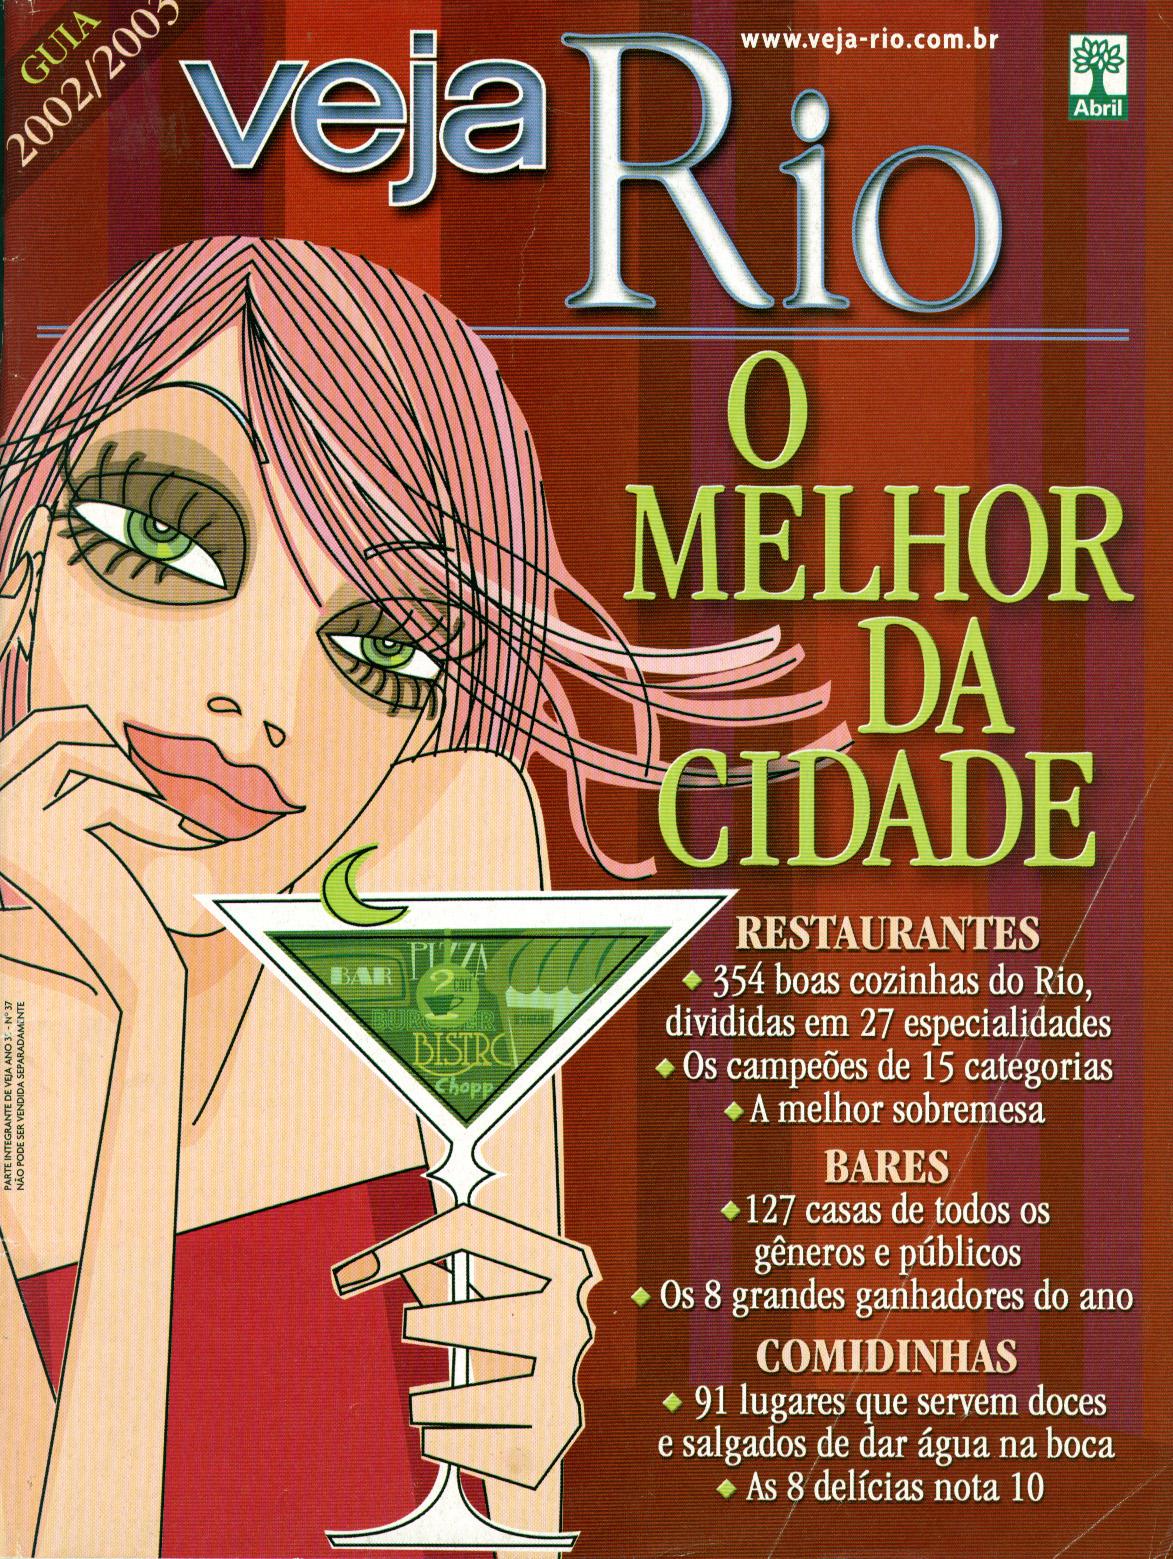 Capa da revista Veja Rio Especial O Melhor da Cidade, de 18 de setembro de 2002